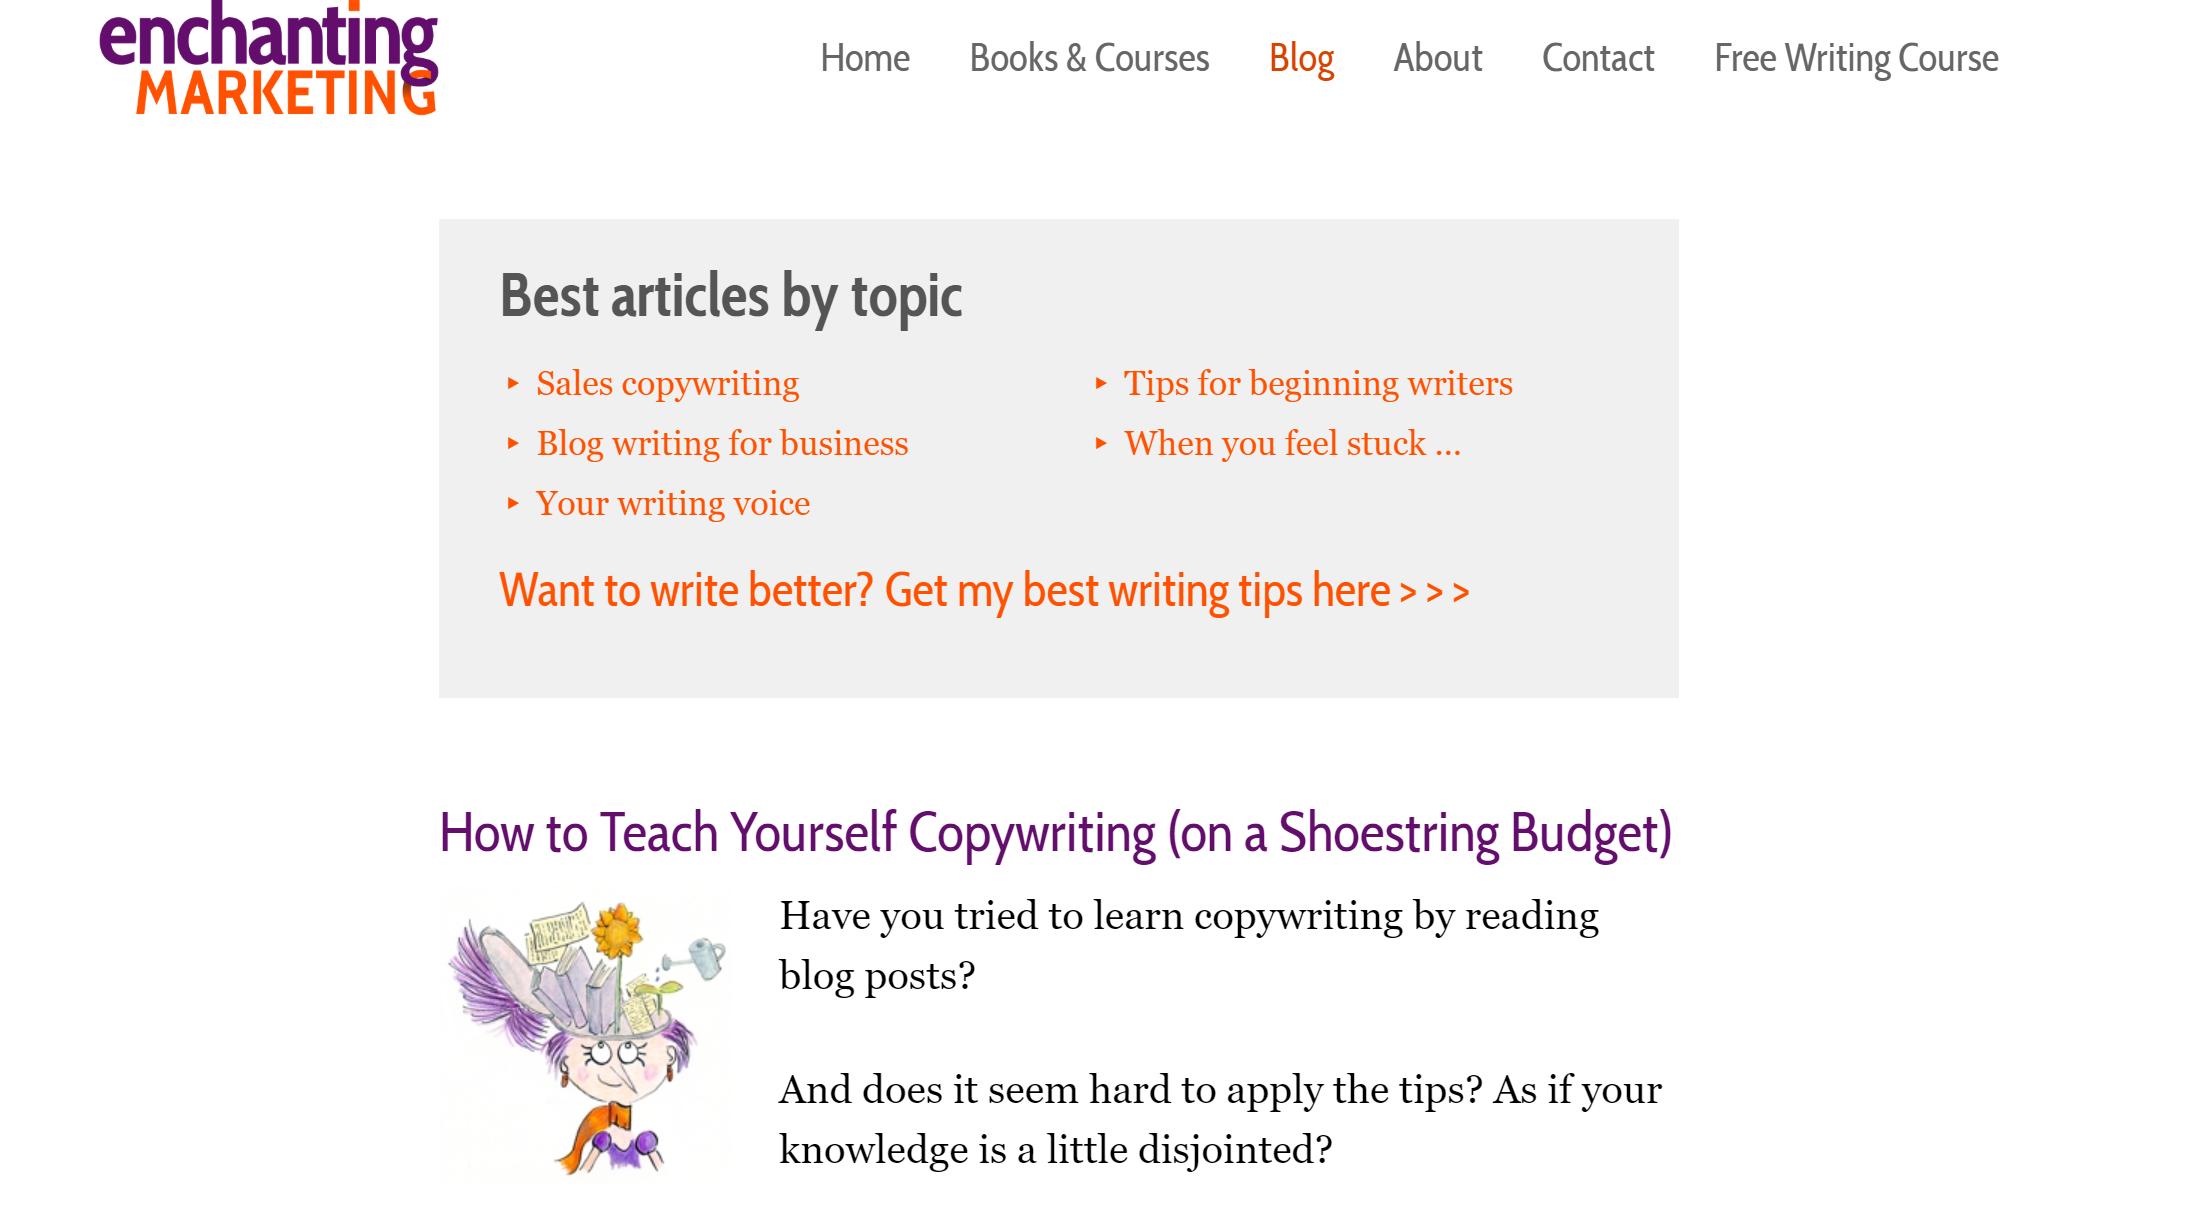 Enchanting Marketing Blog